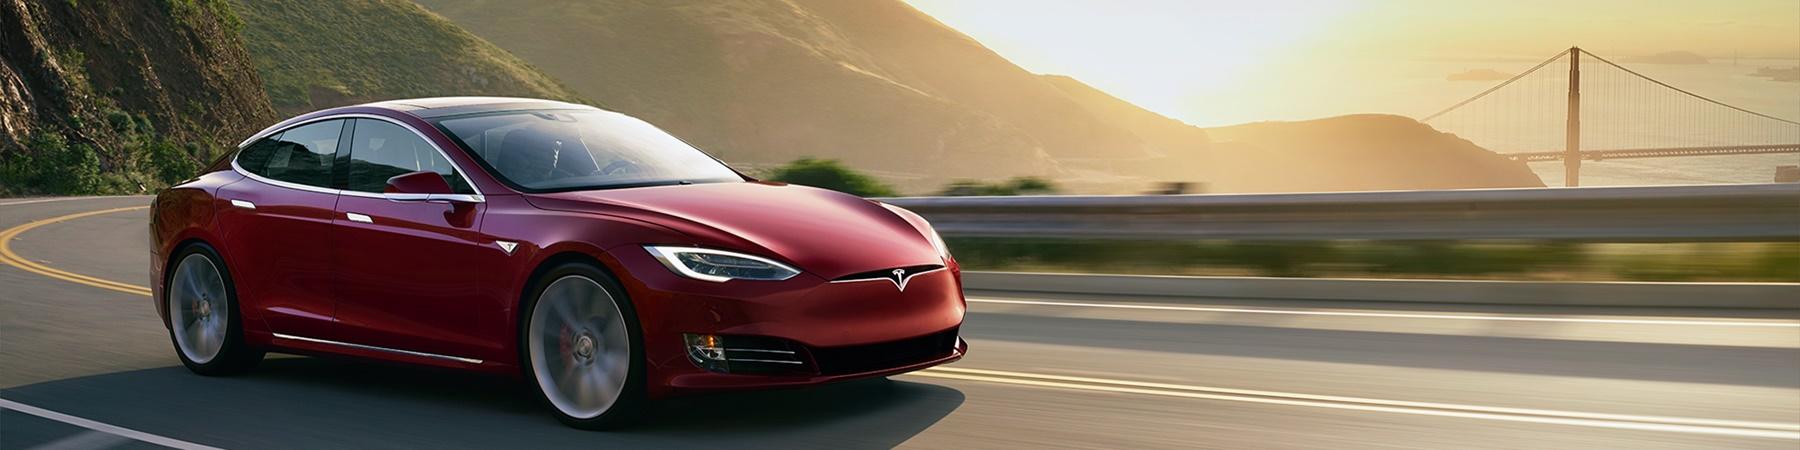 Tesla Model S 75kWh 383 km actieradius